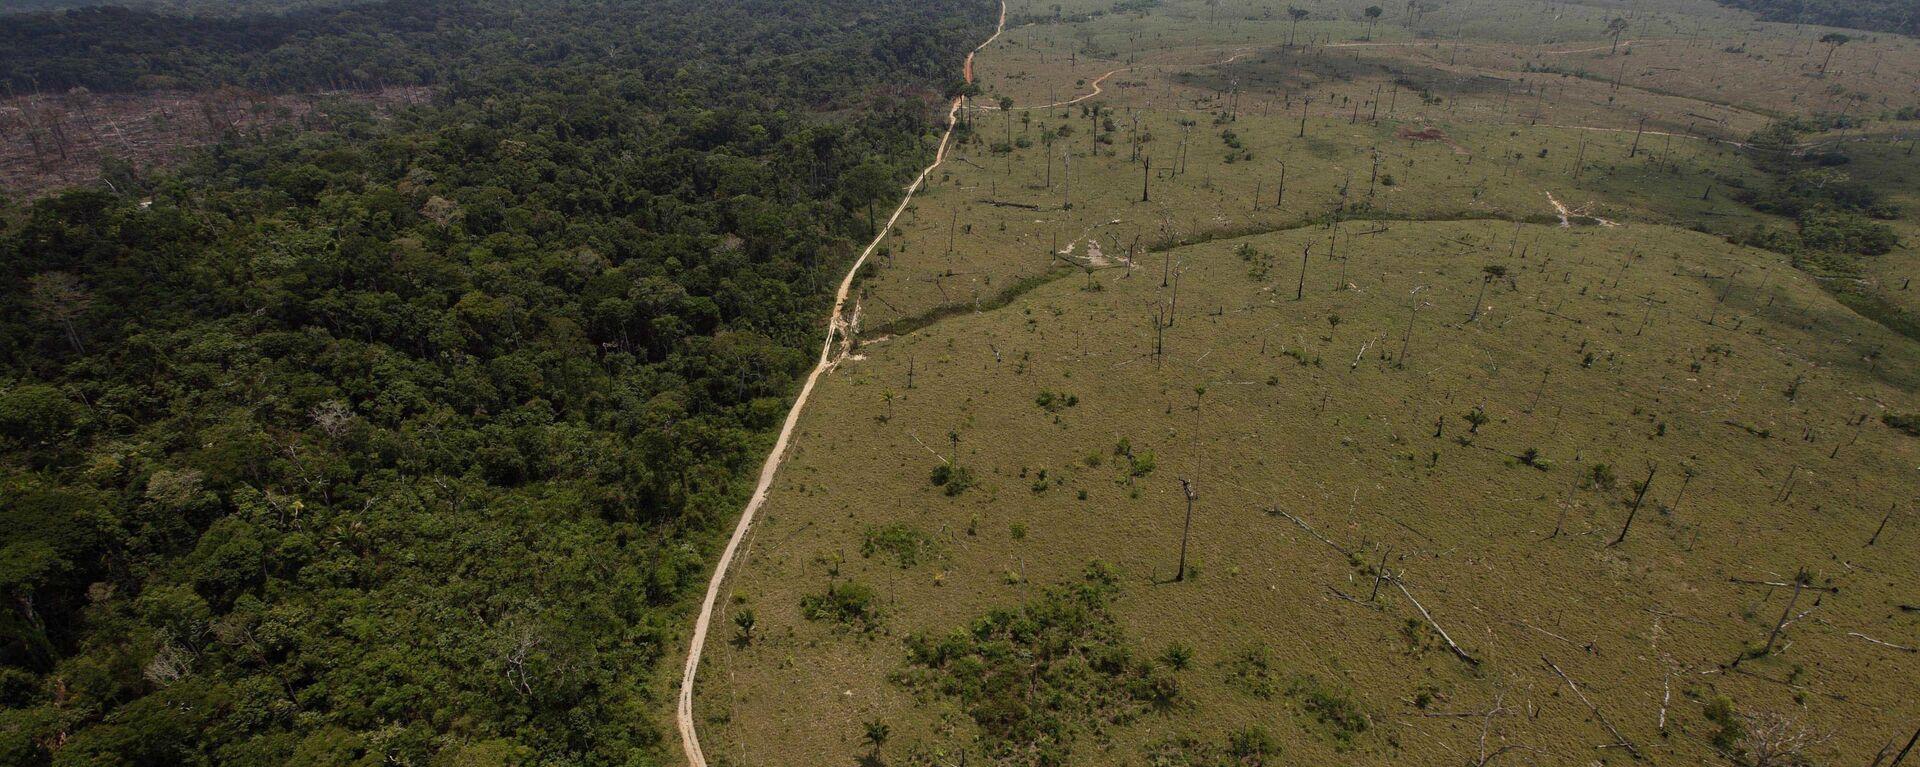 Una área deforestada en la Amazonía brasileña - Sputnik Mundo, 1920, 17.05.2021